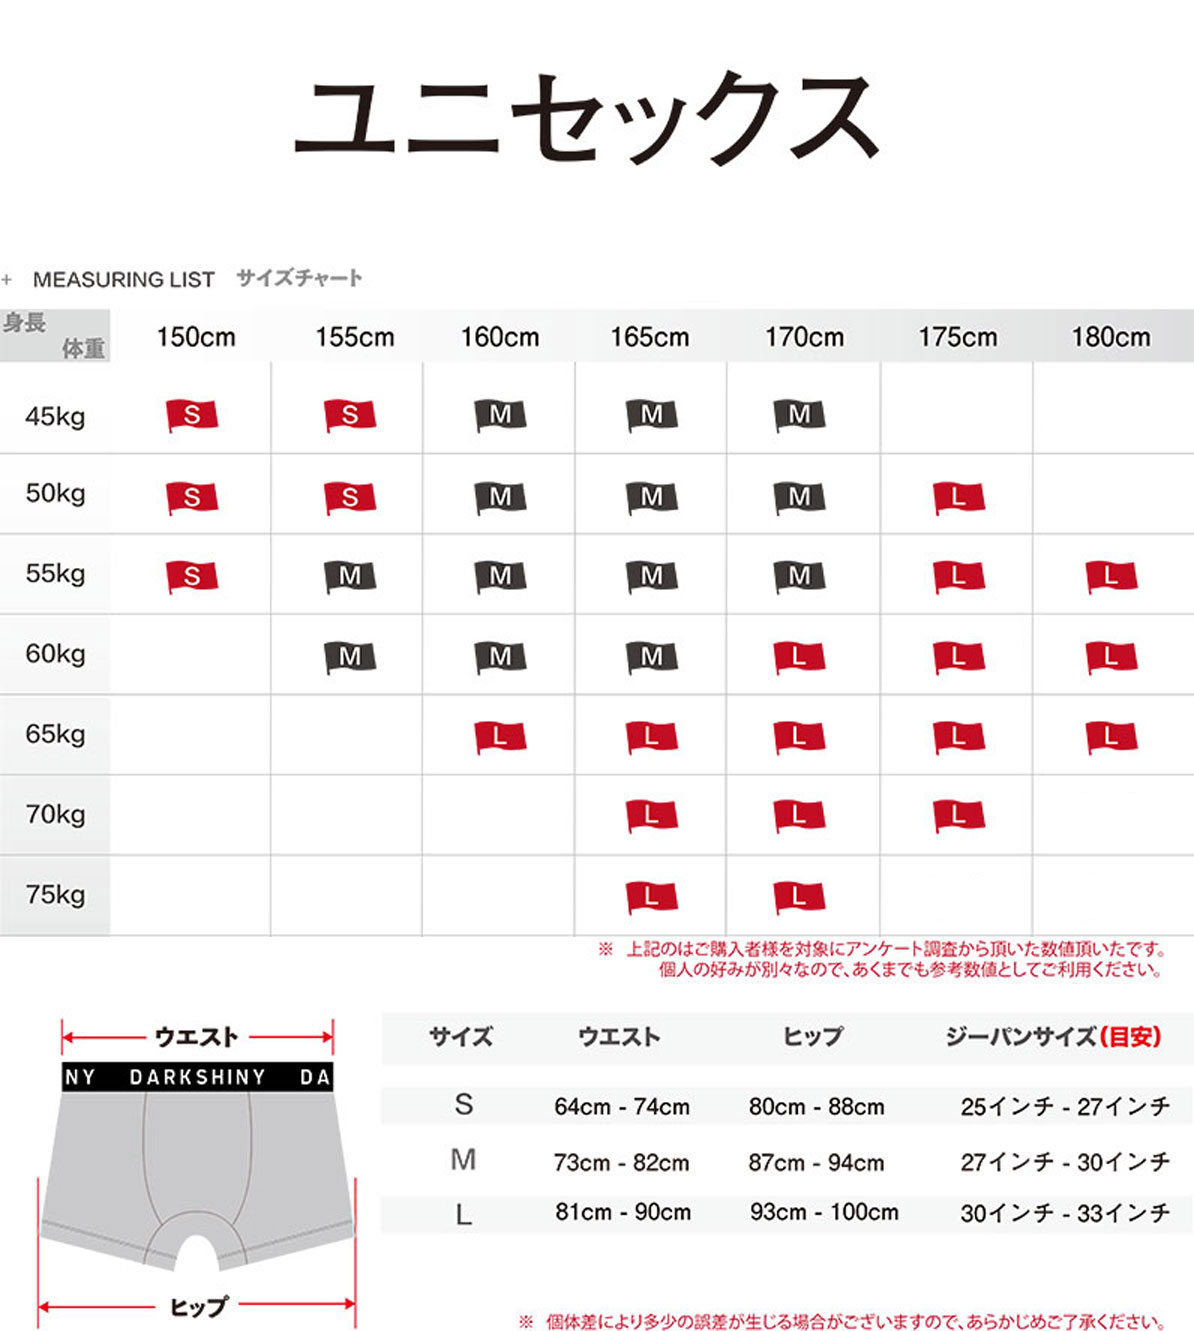 DARKSHINY 鉄ぱん ユニセックス ボクサーパンツ −KOMACHI こまち